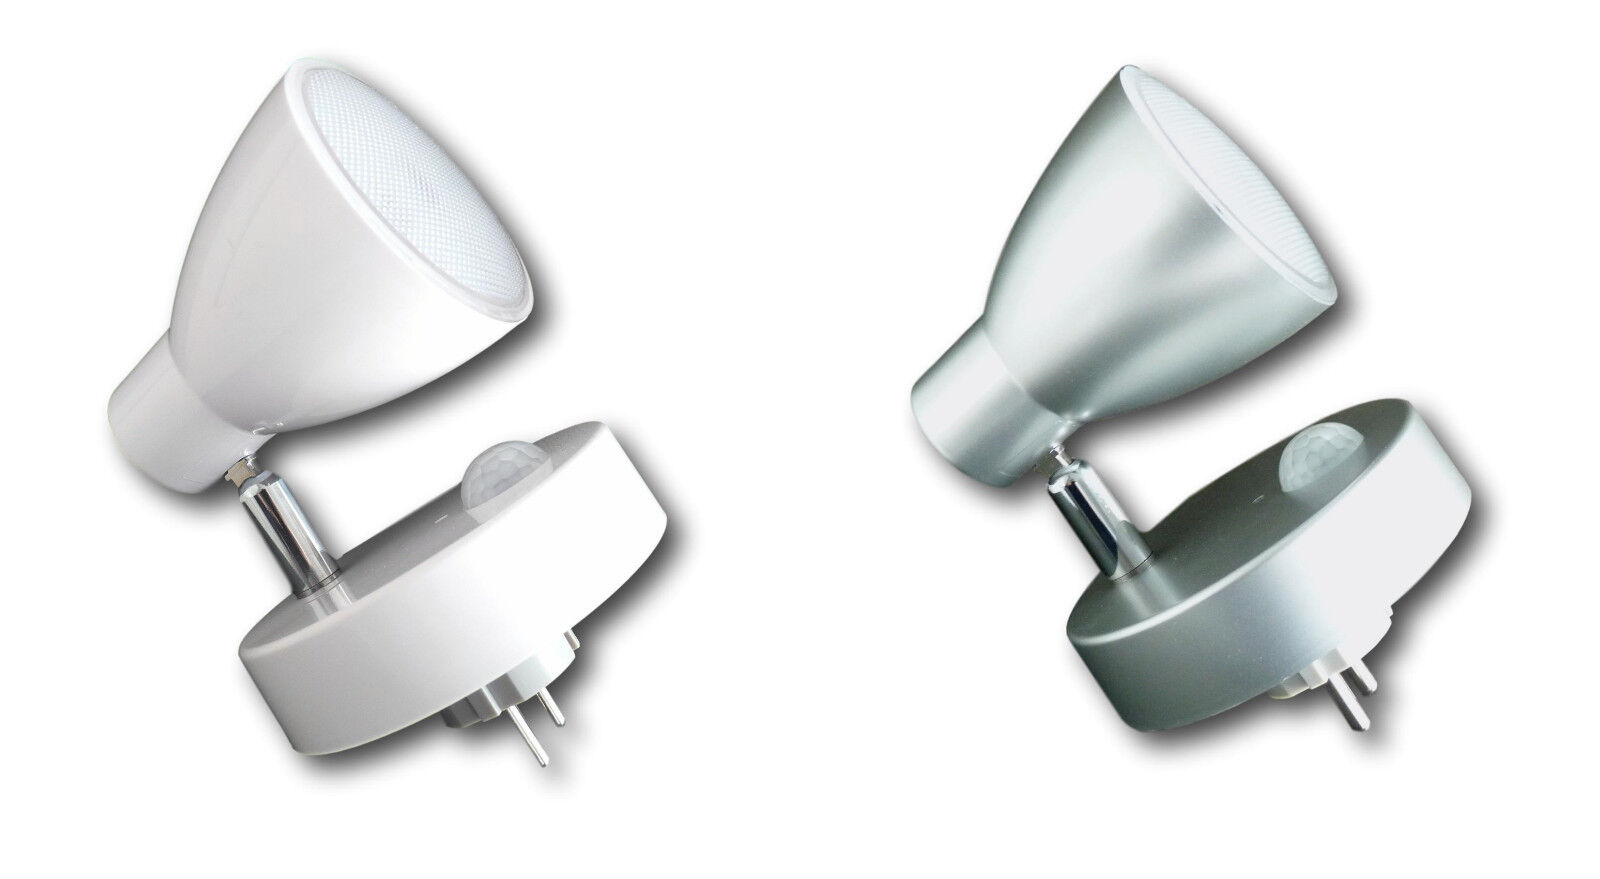 Grundig LED Steckdosen-Lampe Wandlampe Licht Spot Beleuchtung schwenkbar 7 Leds